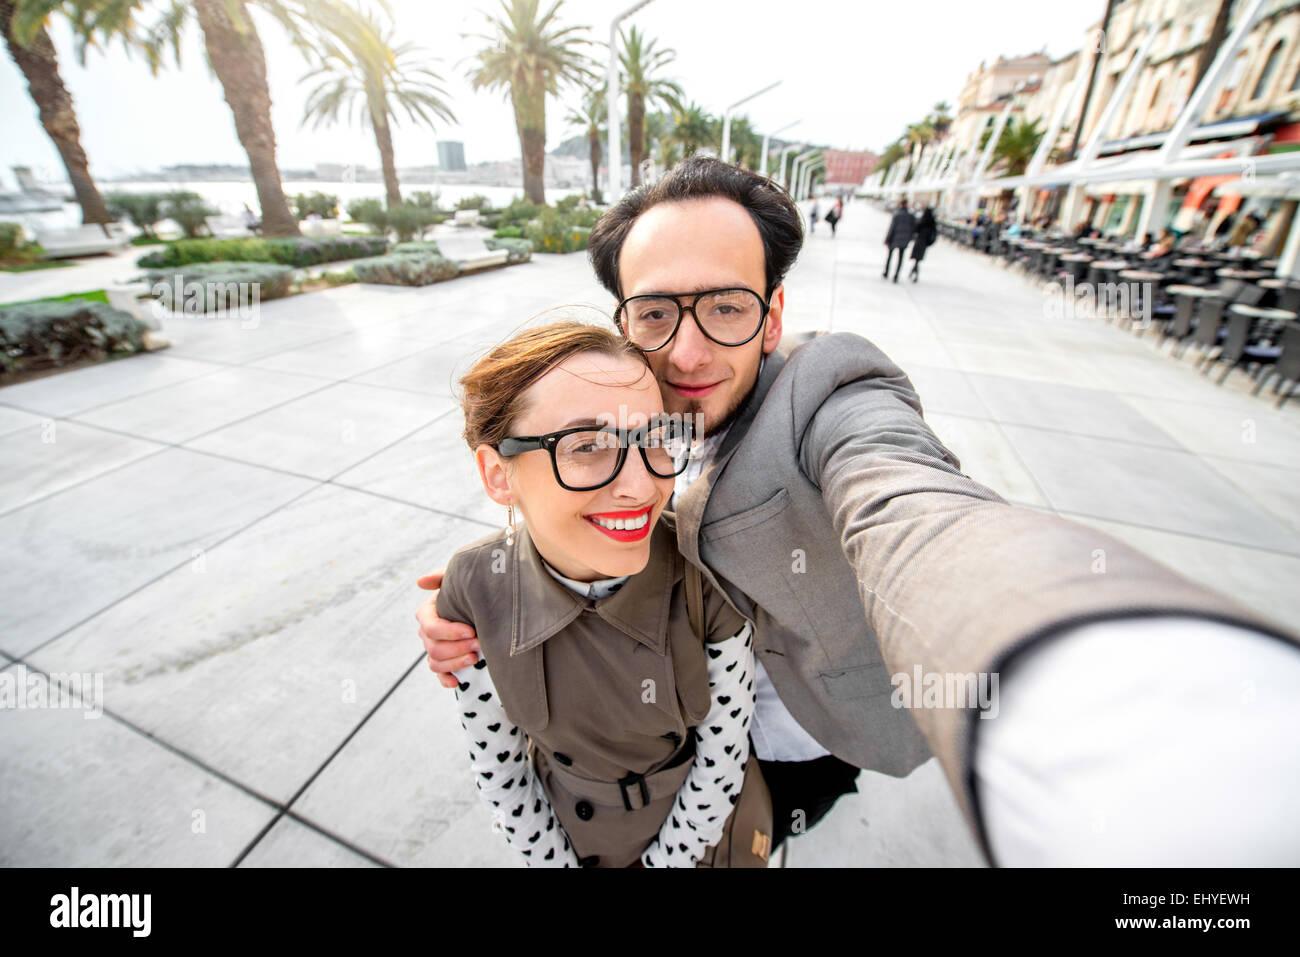 Giovane tenendo selfie foto Immagini Stock